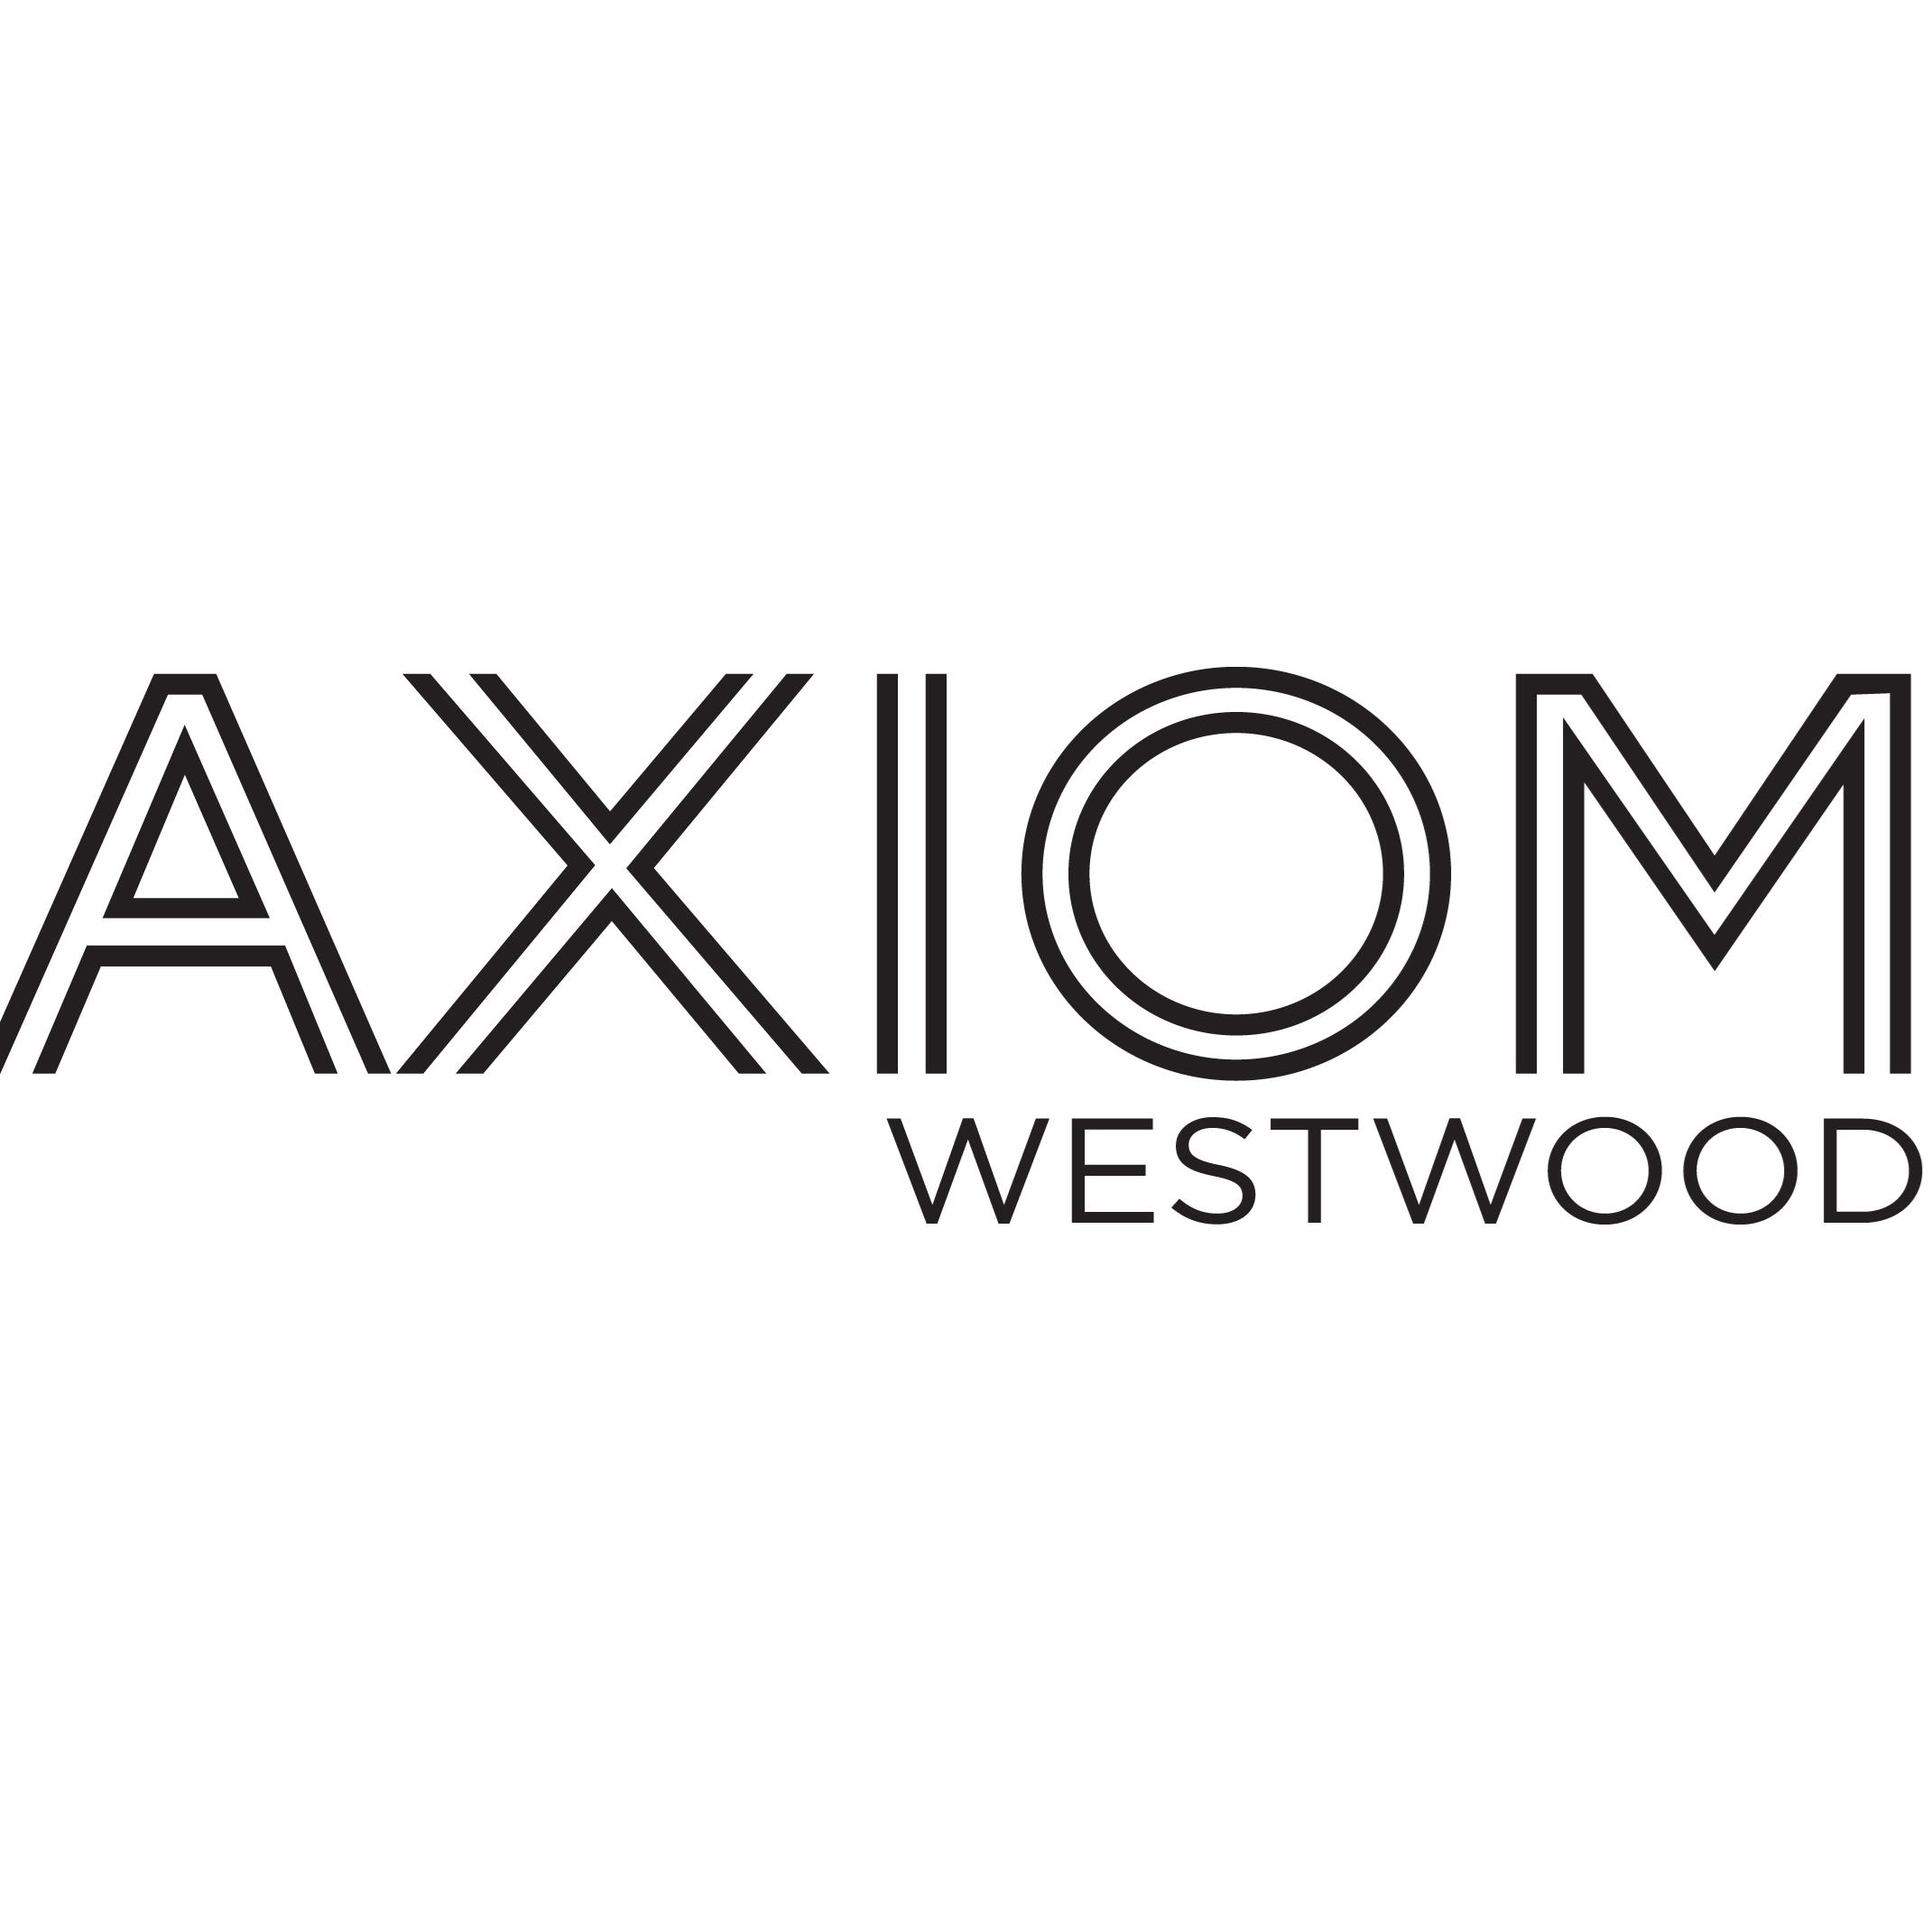 Axiom Westwood